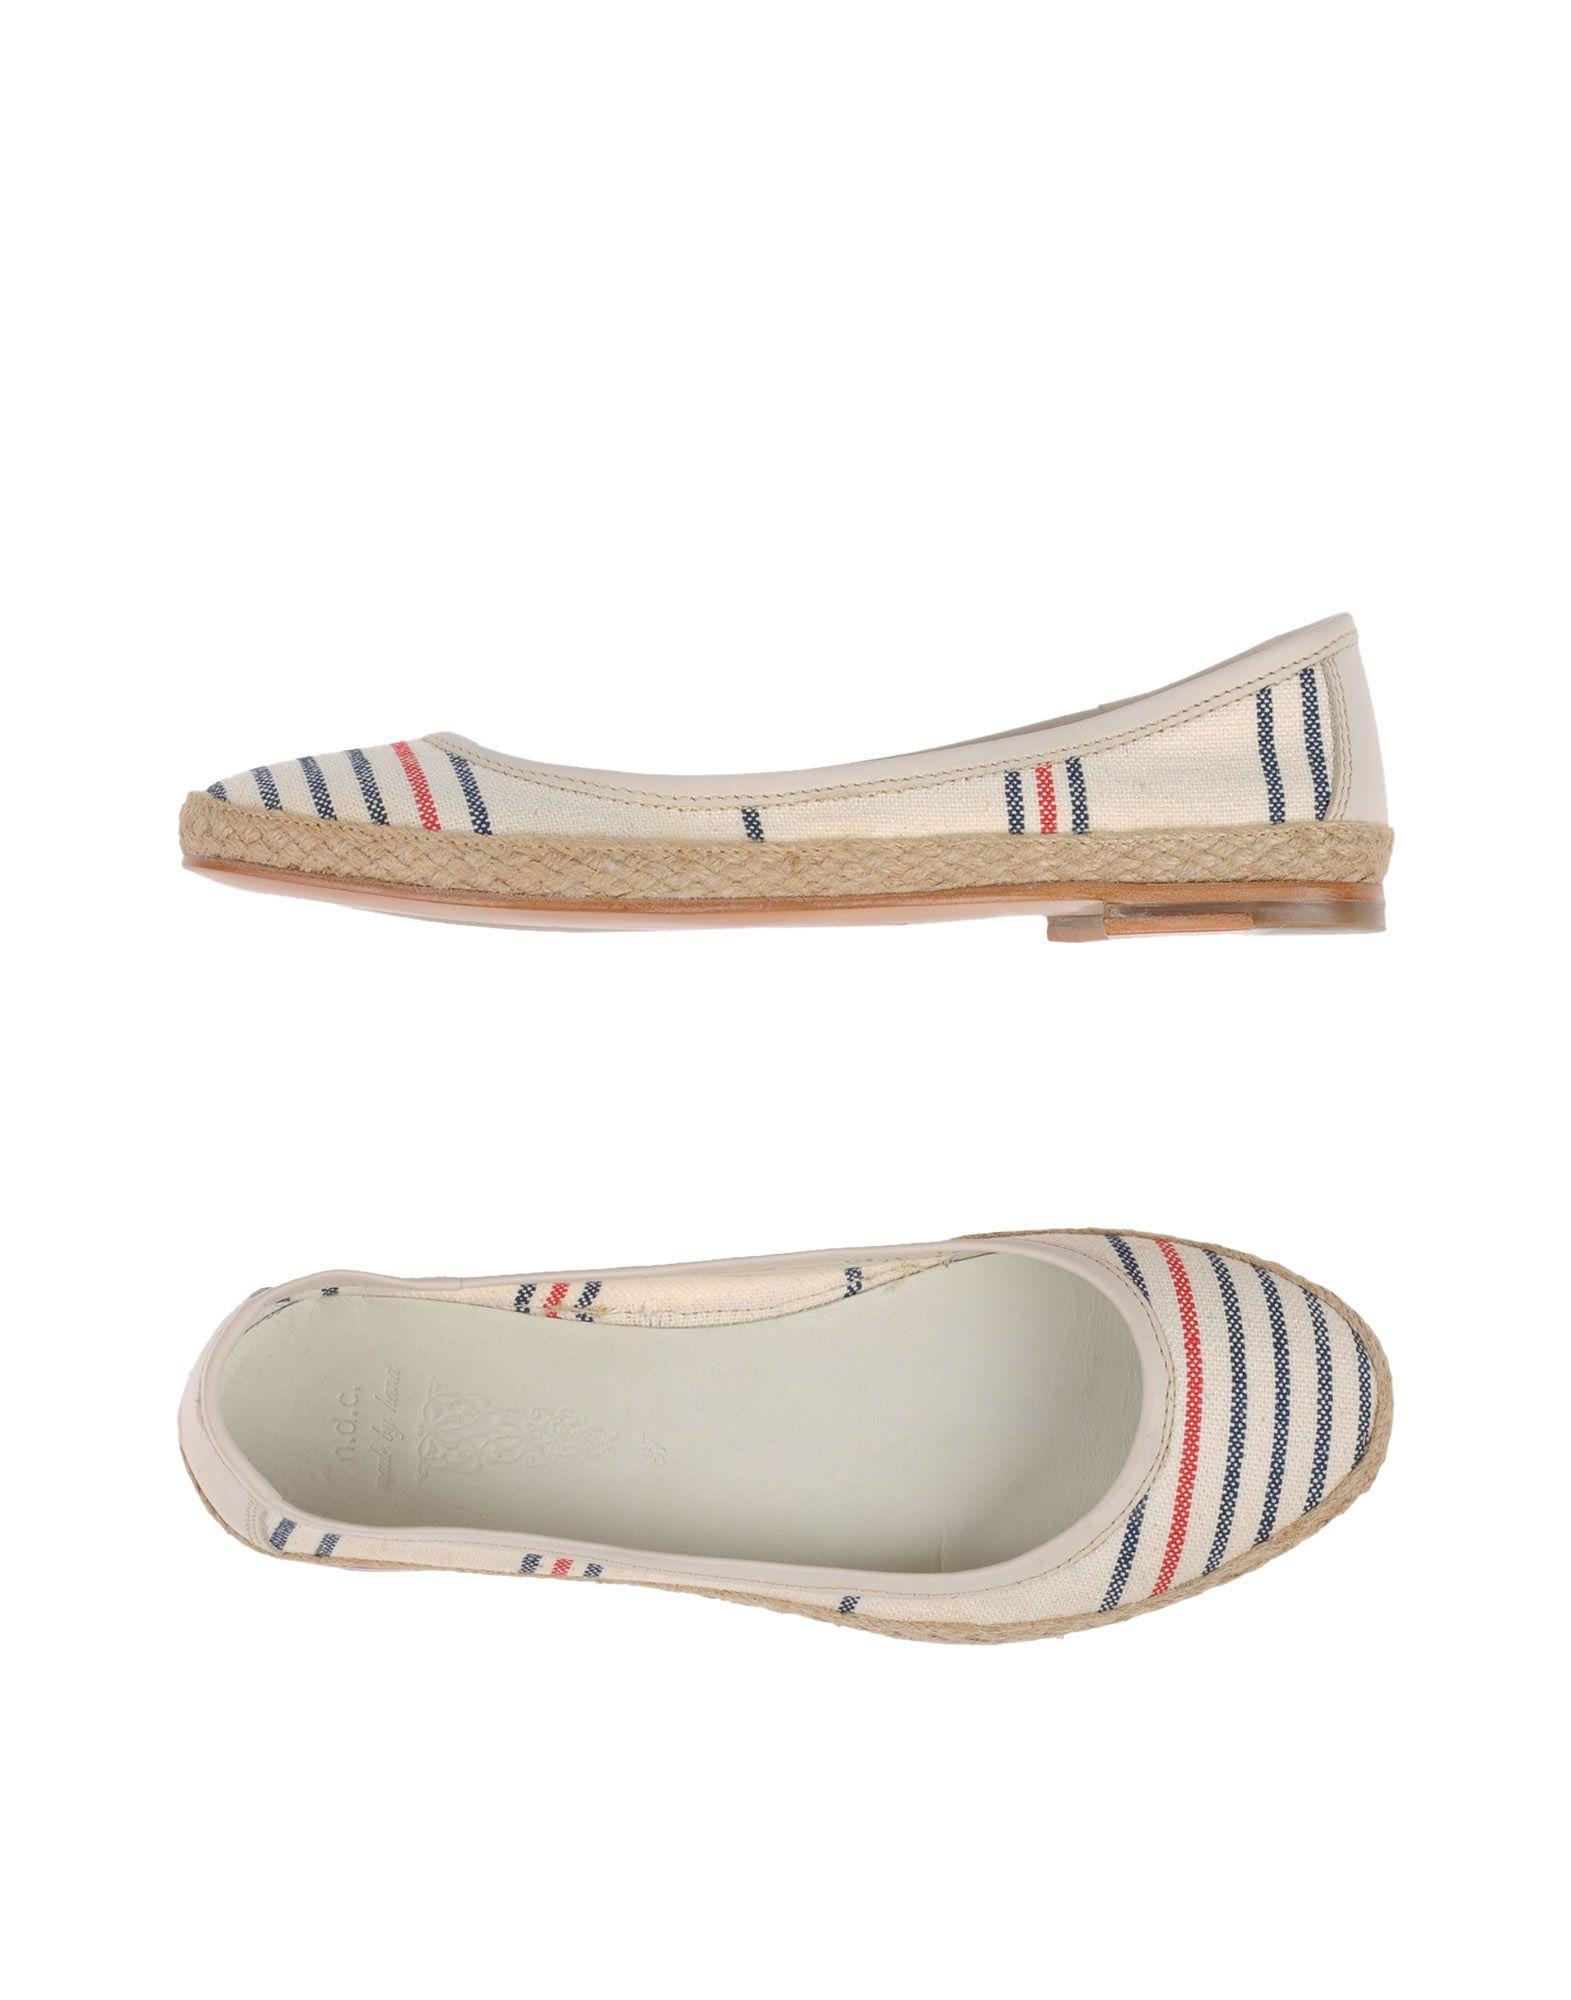 N.D.C. Made By Hand Espadrilles Espadrilles Espadrilles Damen  11195729NL Heiße Schuhe 156a1a